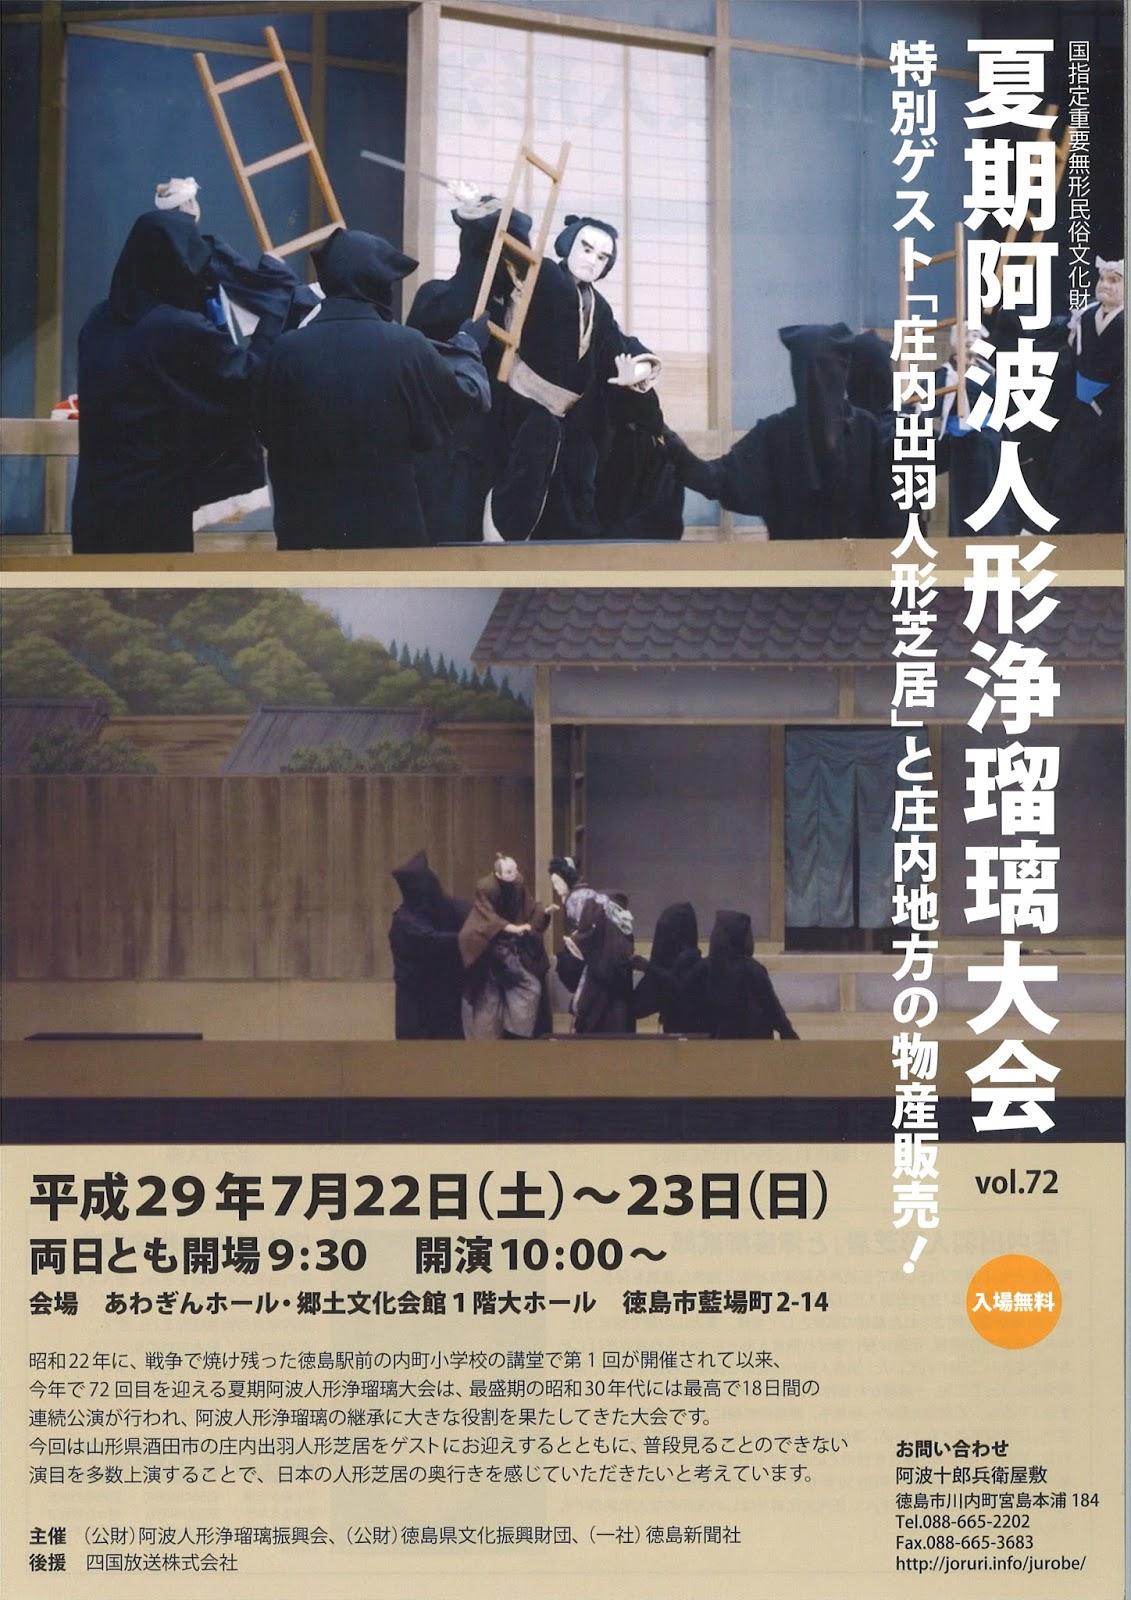 夏期大会vol.72(表)